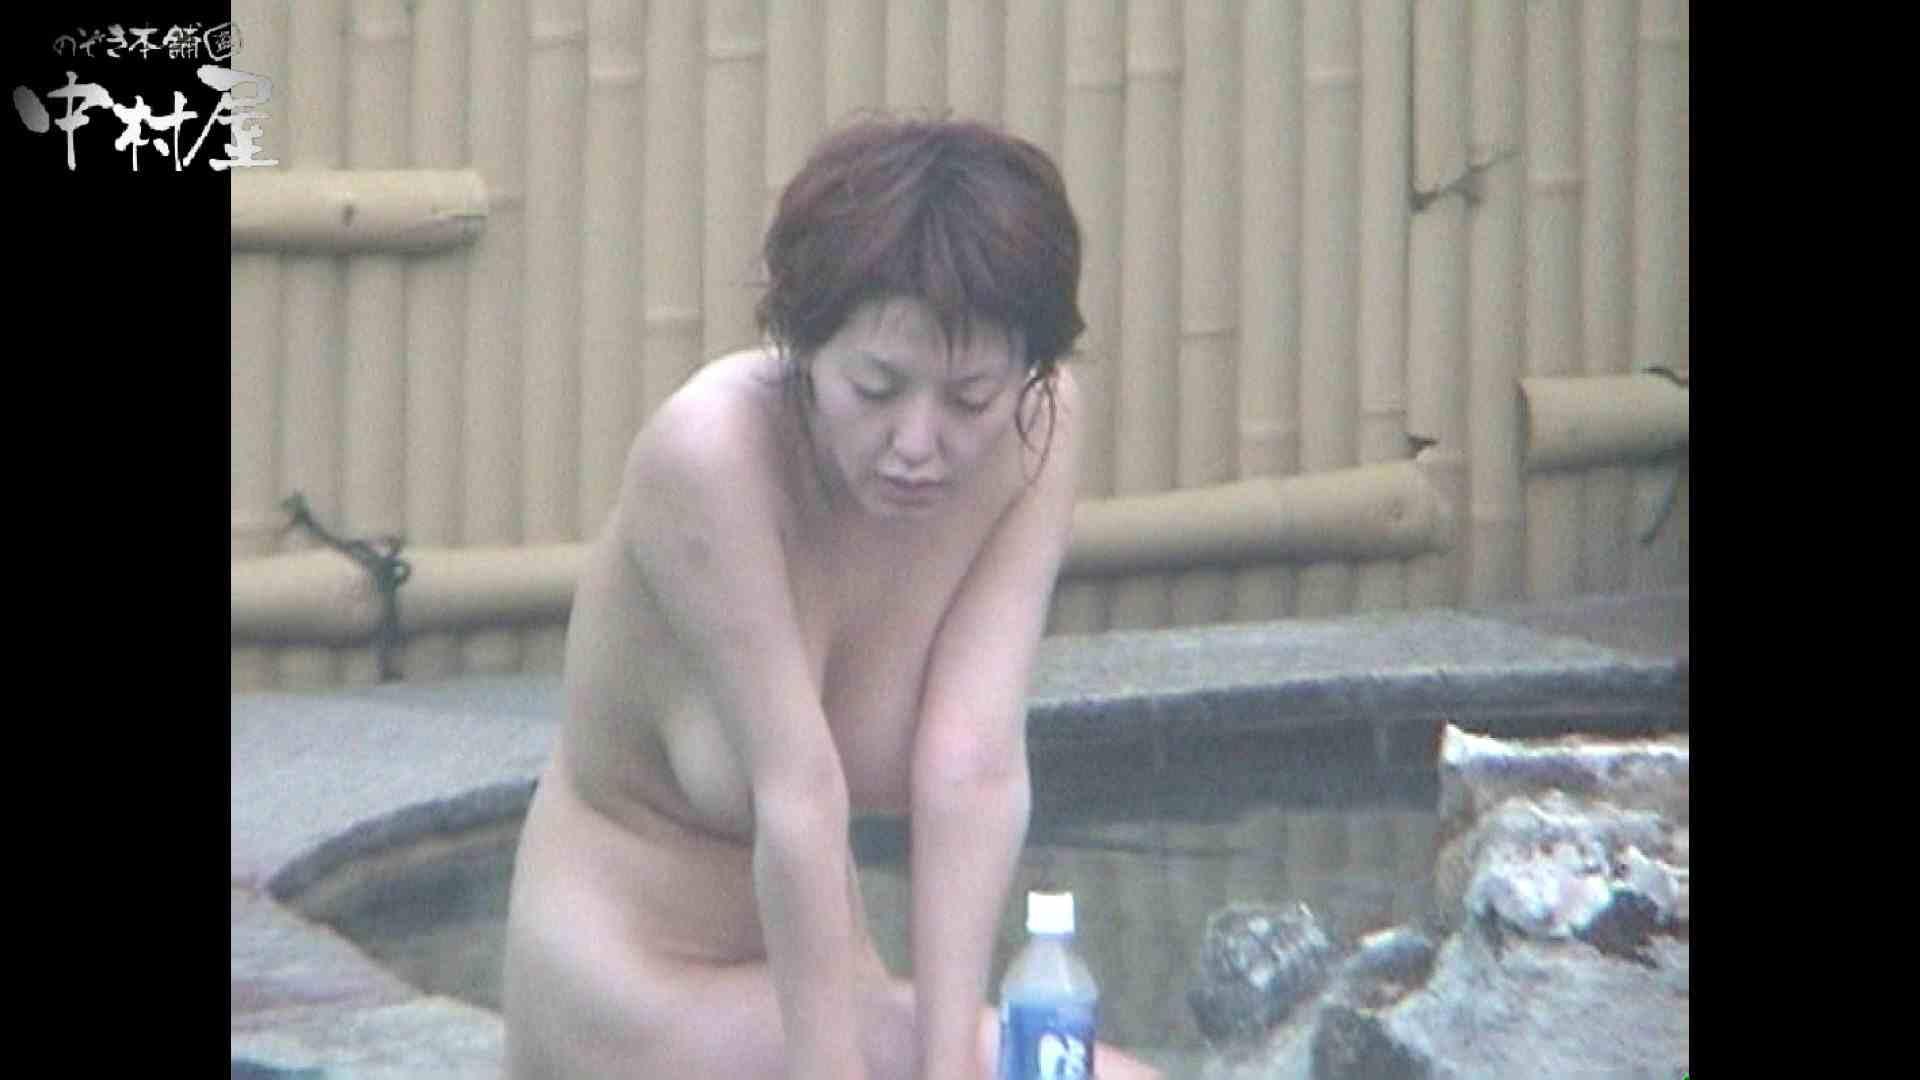 Aquaな露天風呂Vol.959